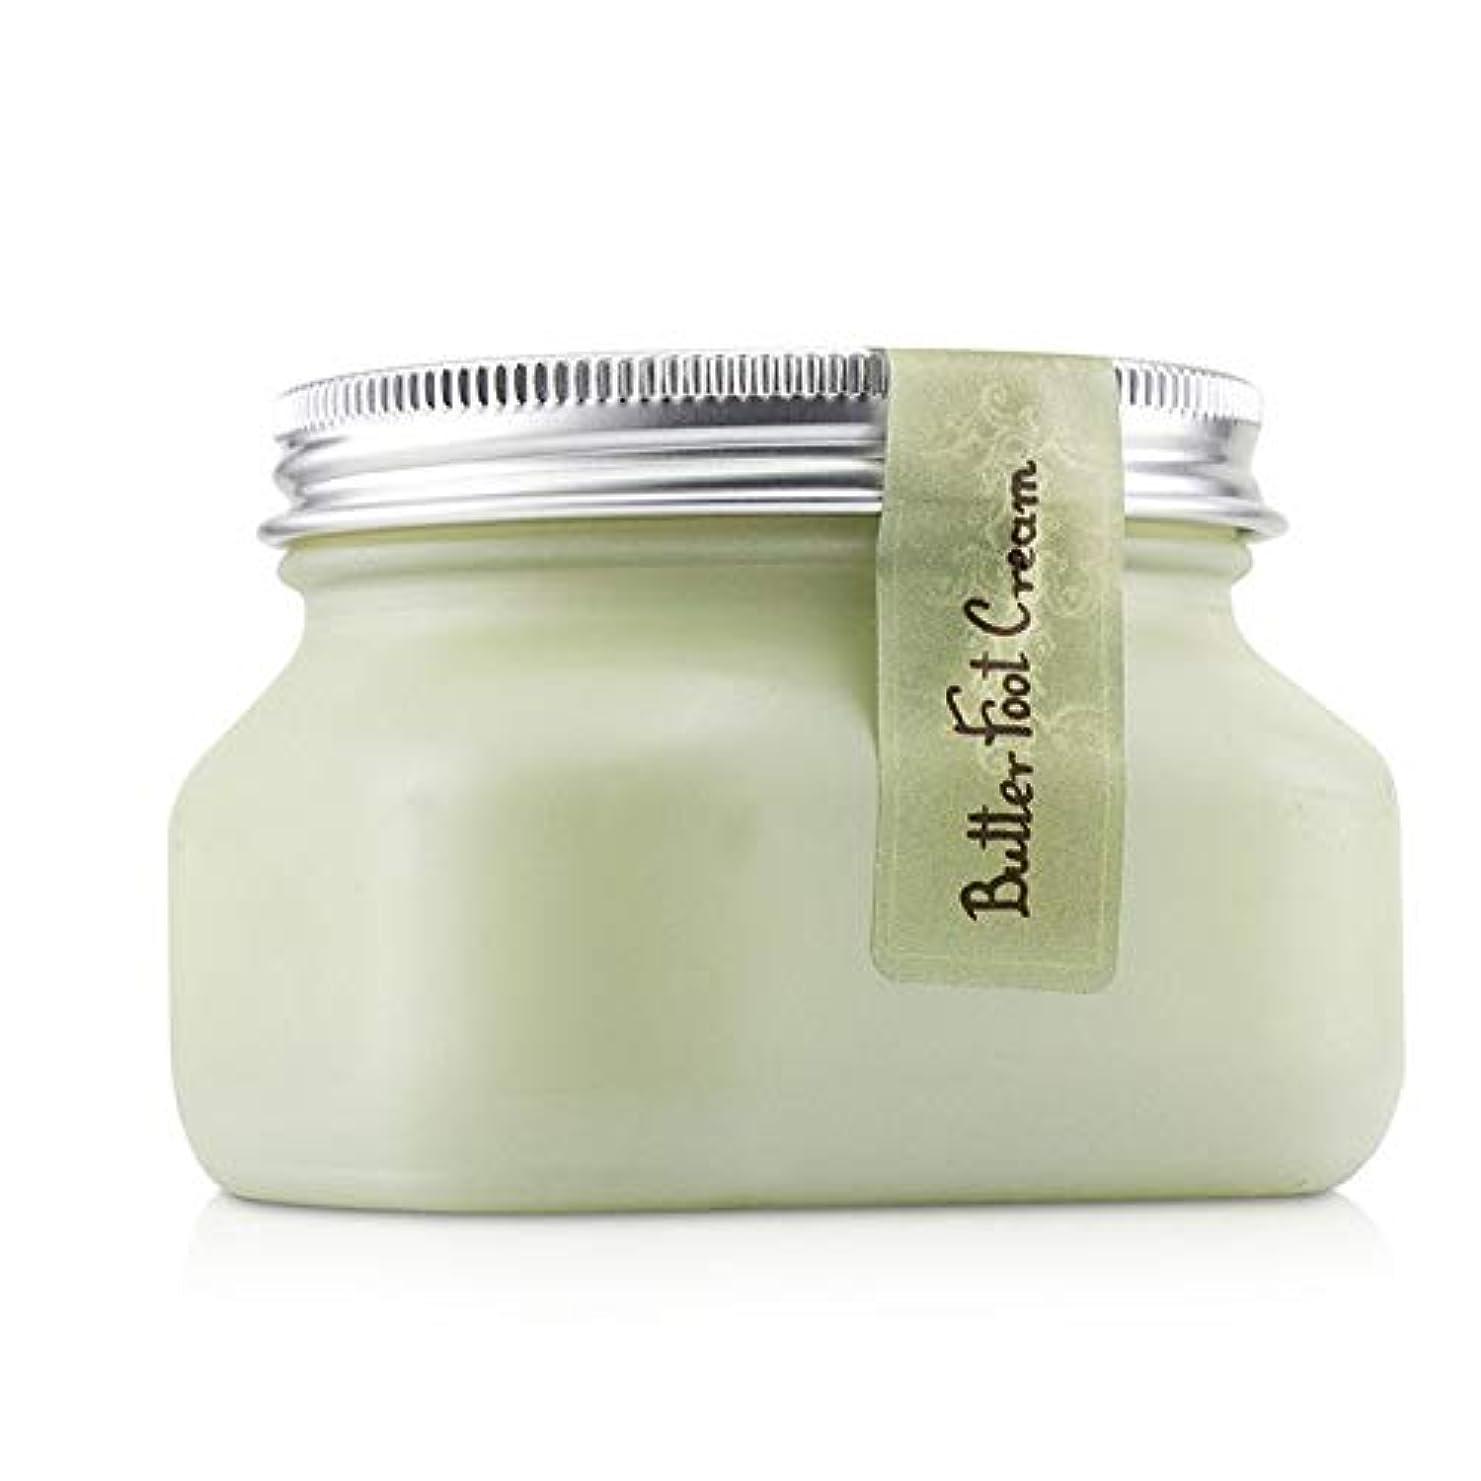 事実スノーケル特徴づけるサボン Butter Foot Cream 150ml/5.27oz並行輸入品